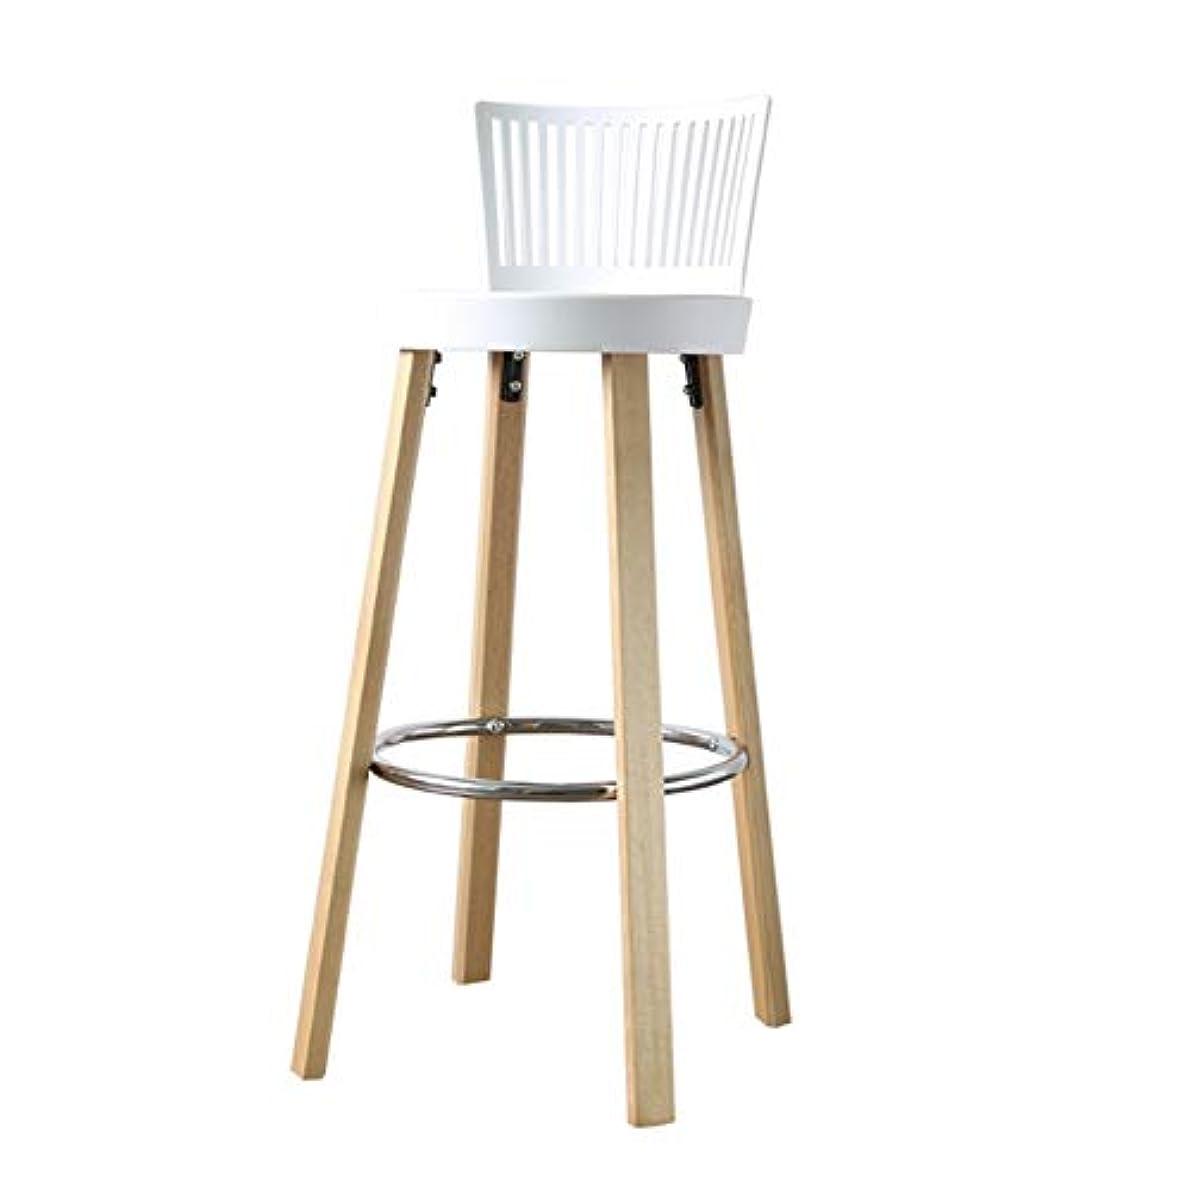 膨張する理解南アメリカLIQICAI カウンターチェアバースツール ダイニングスツール PPの座席そしてあと振れ止めを使って、 キッチンダイニングバーチェア 木製の足 カウンターハイトスツール、 3色 (Color : White, Size...